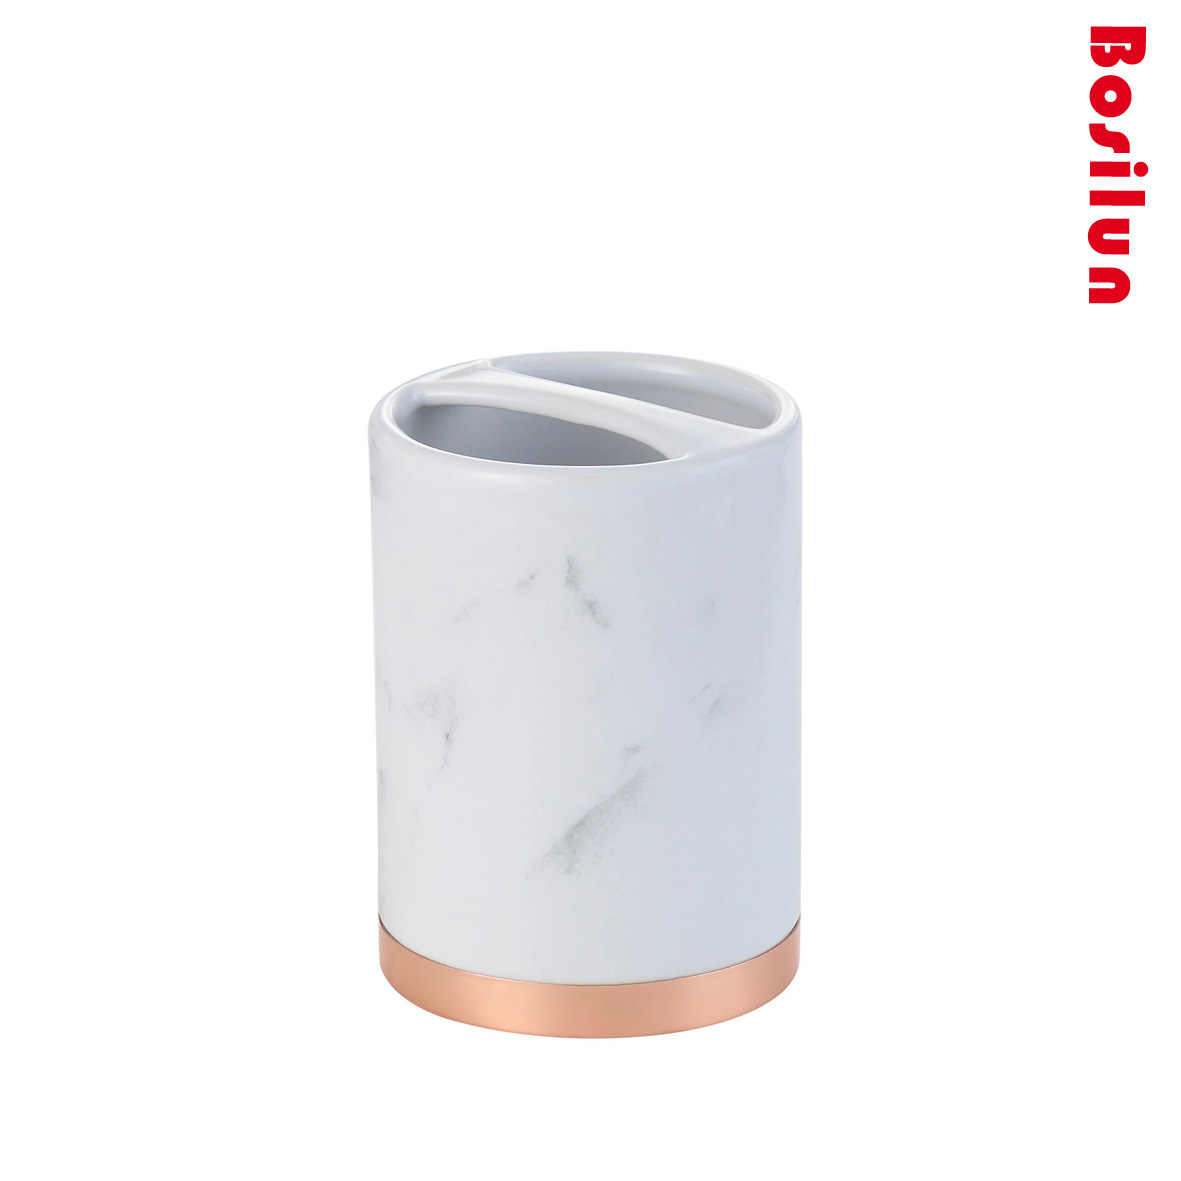 Akcesoria łazienkowe biały ceramika zestawy dozownik mydła w płynie prysznic uchwyt na kubek uchwyt na szczoteczkę do zębów 5 sztuk ceramiczny zestaw łazienkowy